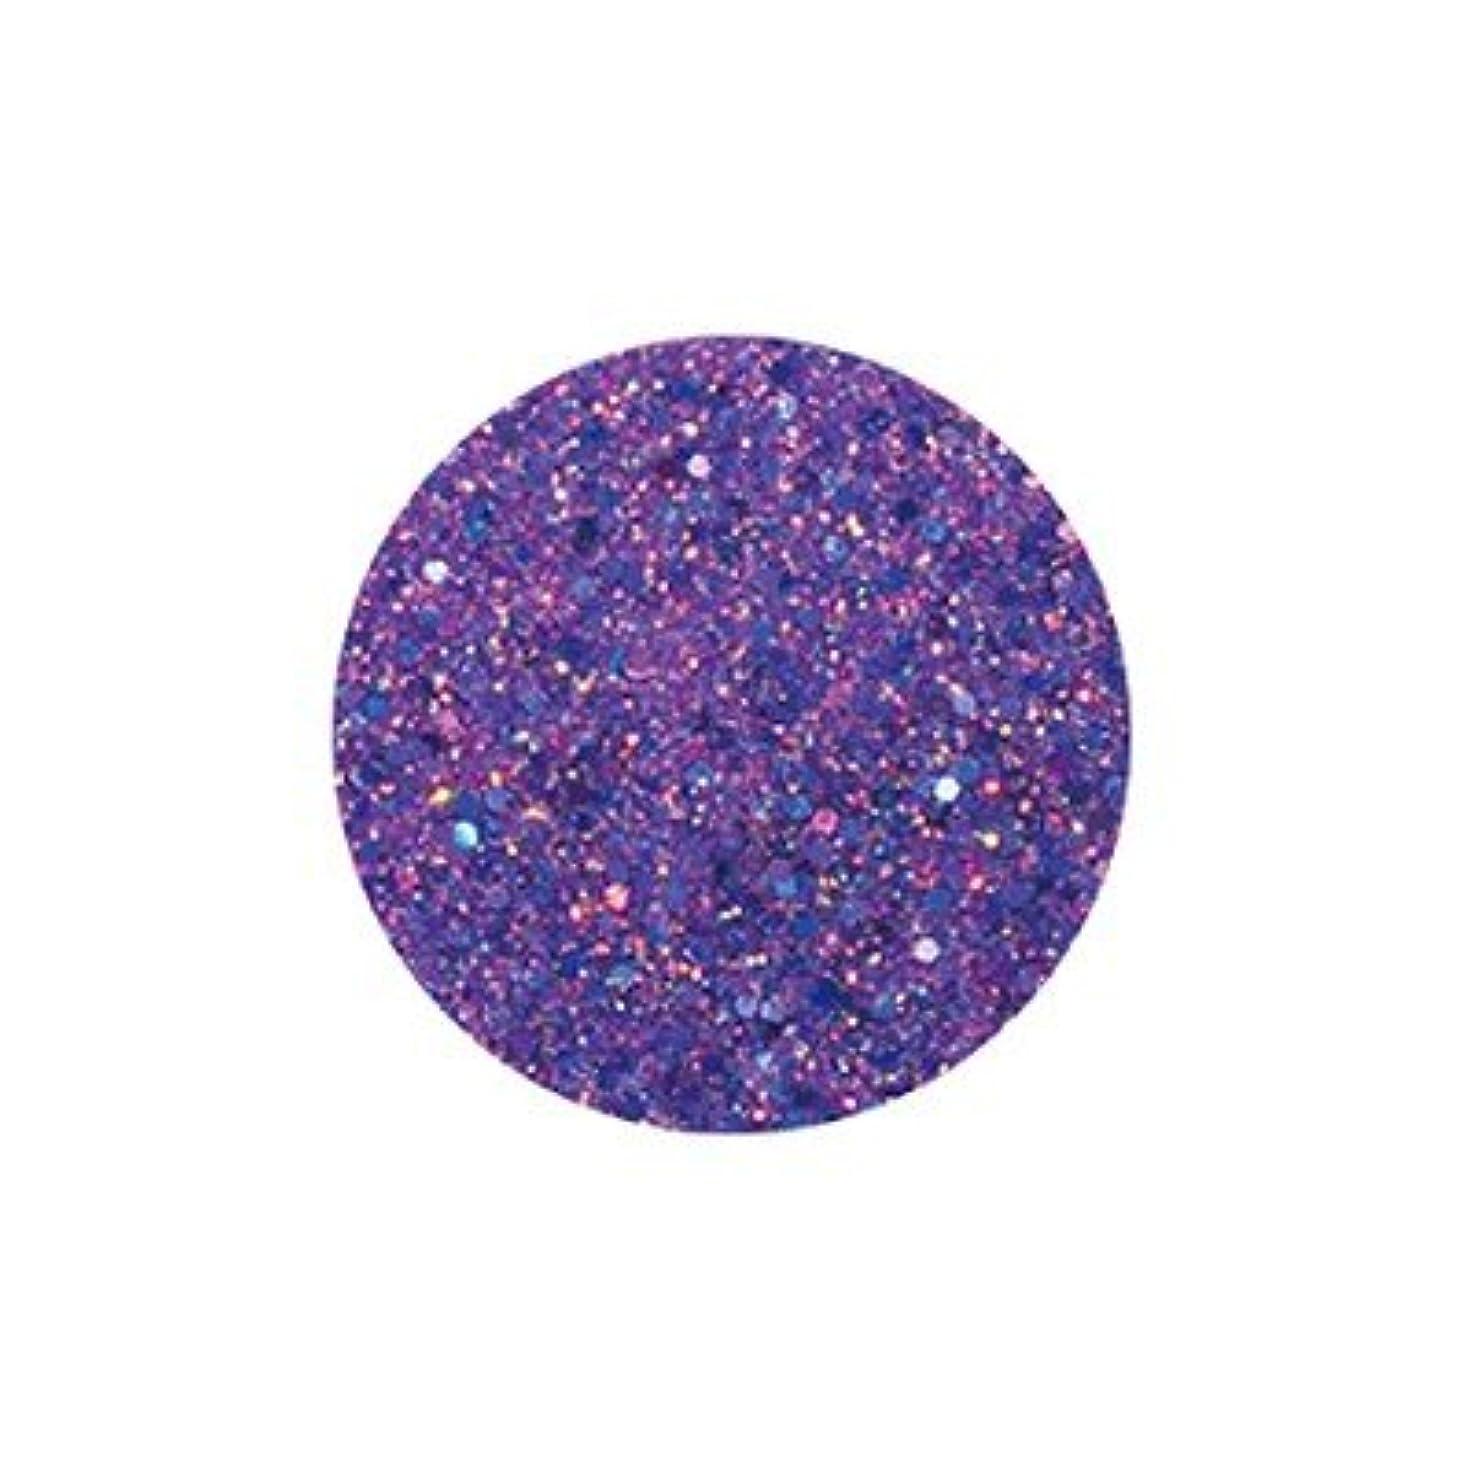 整然とした病者肥沃なFANTASY NAIL ダイヤモンドコレクション 3g 4261XS カラーパウダー アート材